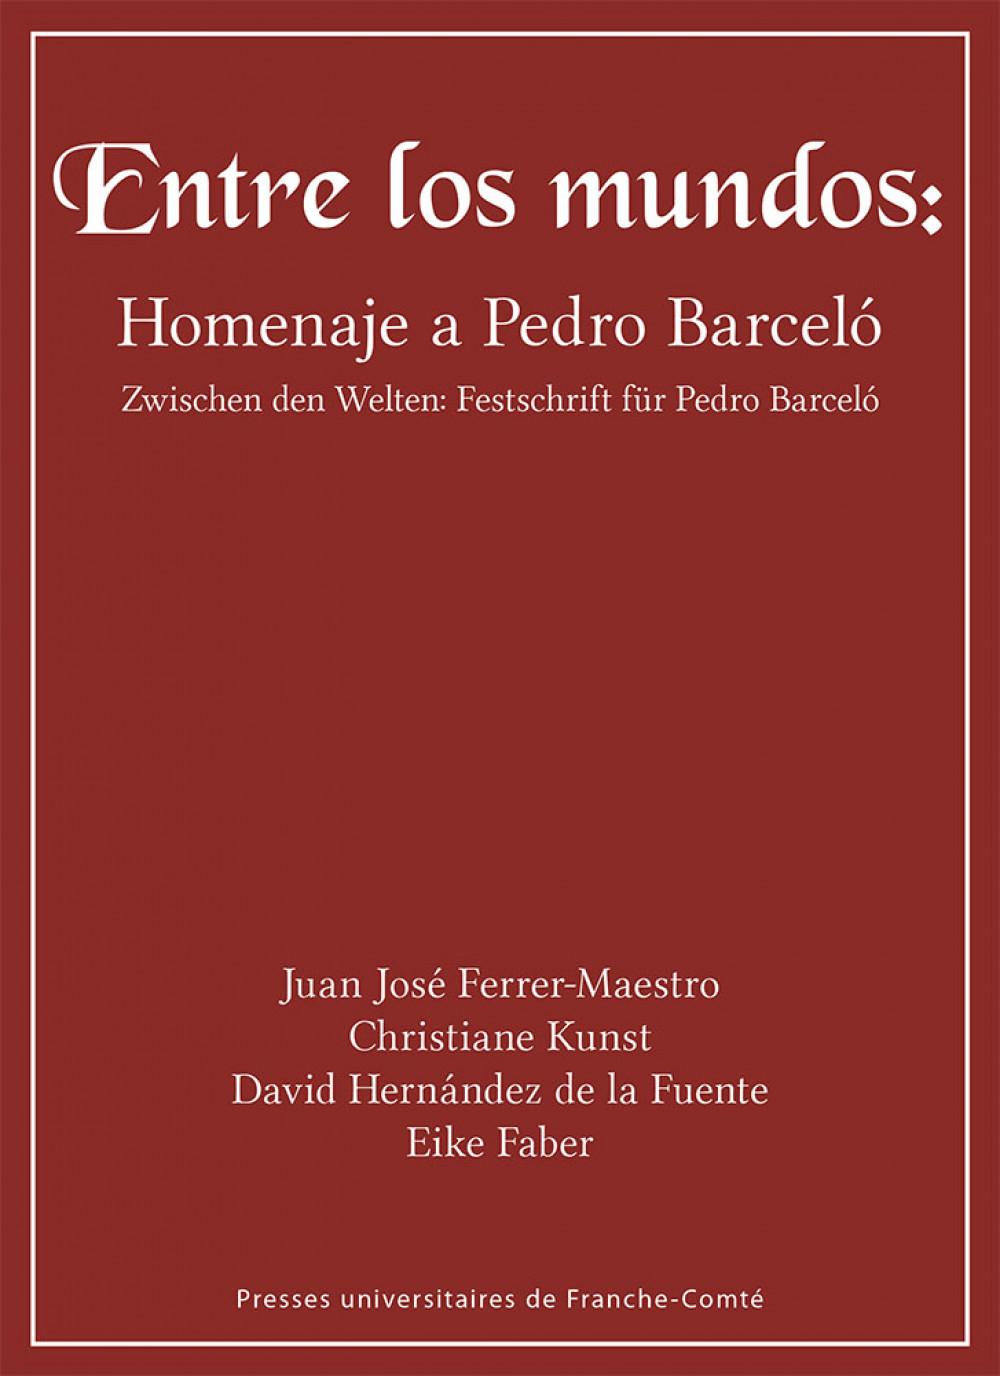 Entre los mundos: Homenaje a Pedro Barceló